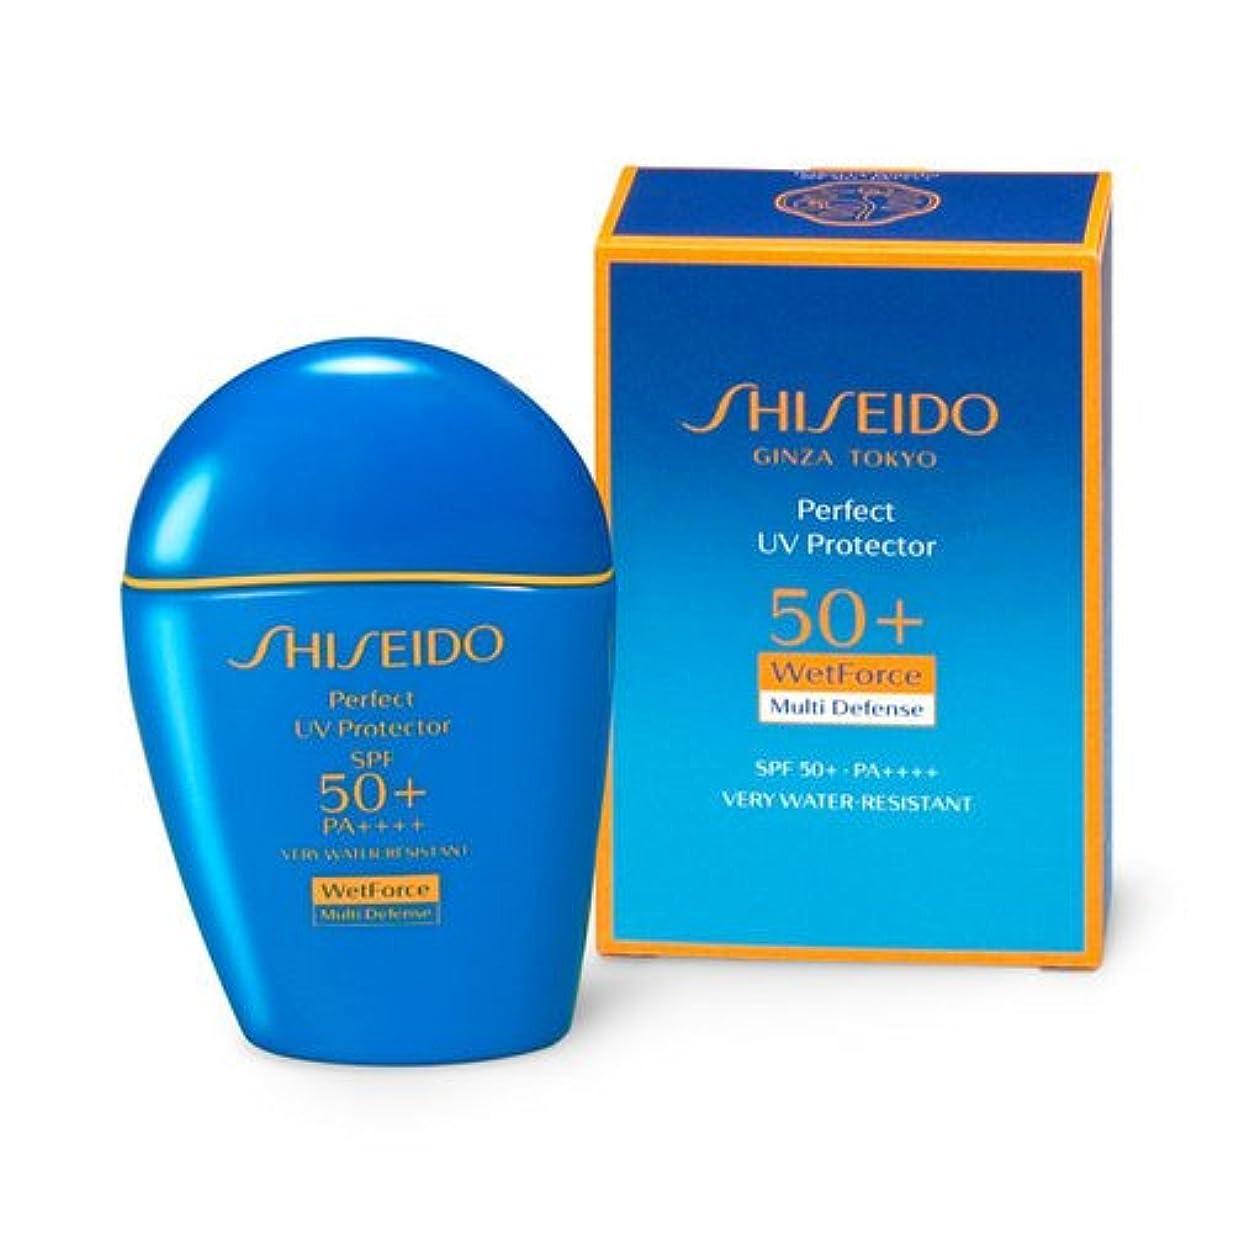 ショート権限を与える忌避剤SHISEIDO Suncare(資生堂 サンケア) SHISEIDO(資生堂) パーフェクト UVプロテクター 50mL